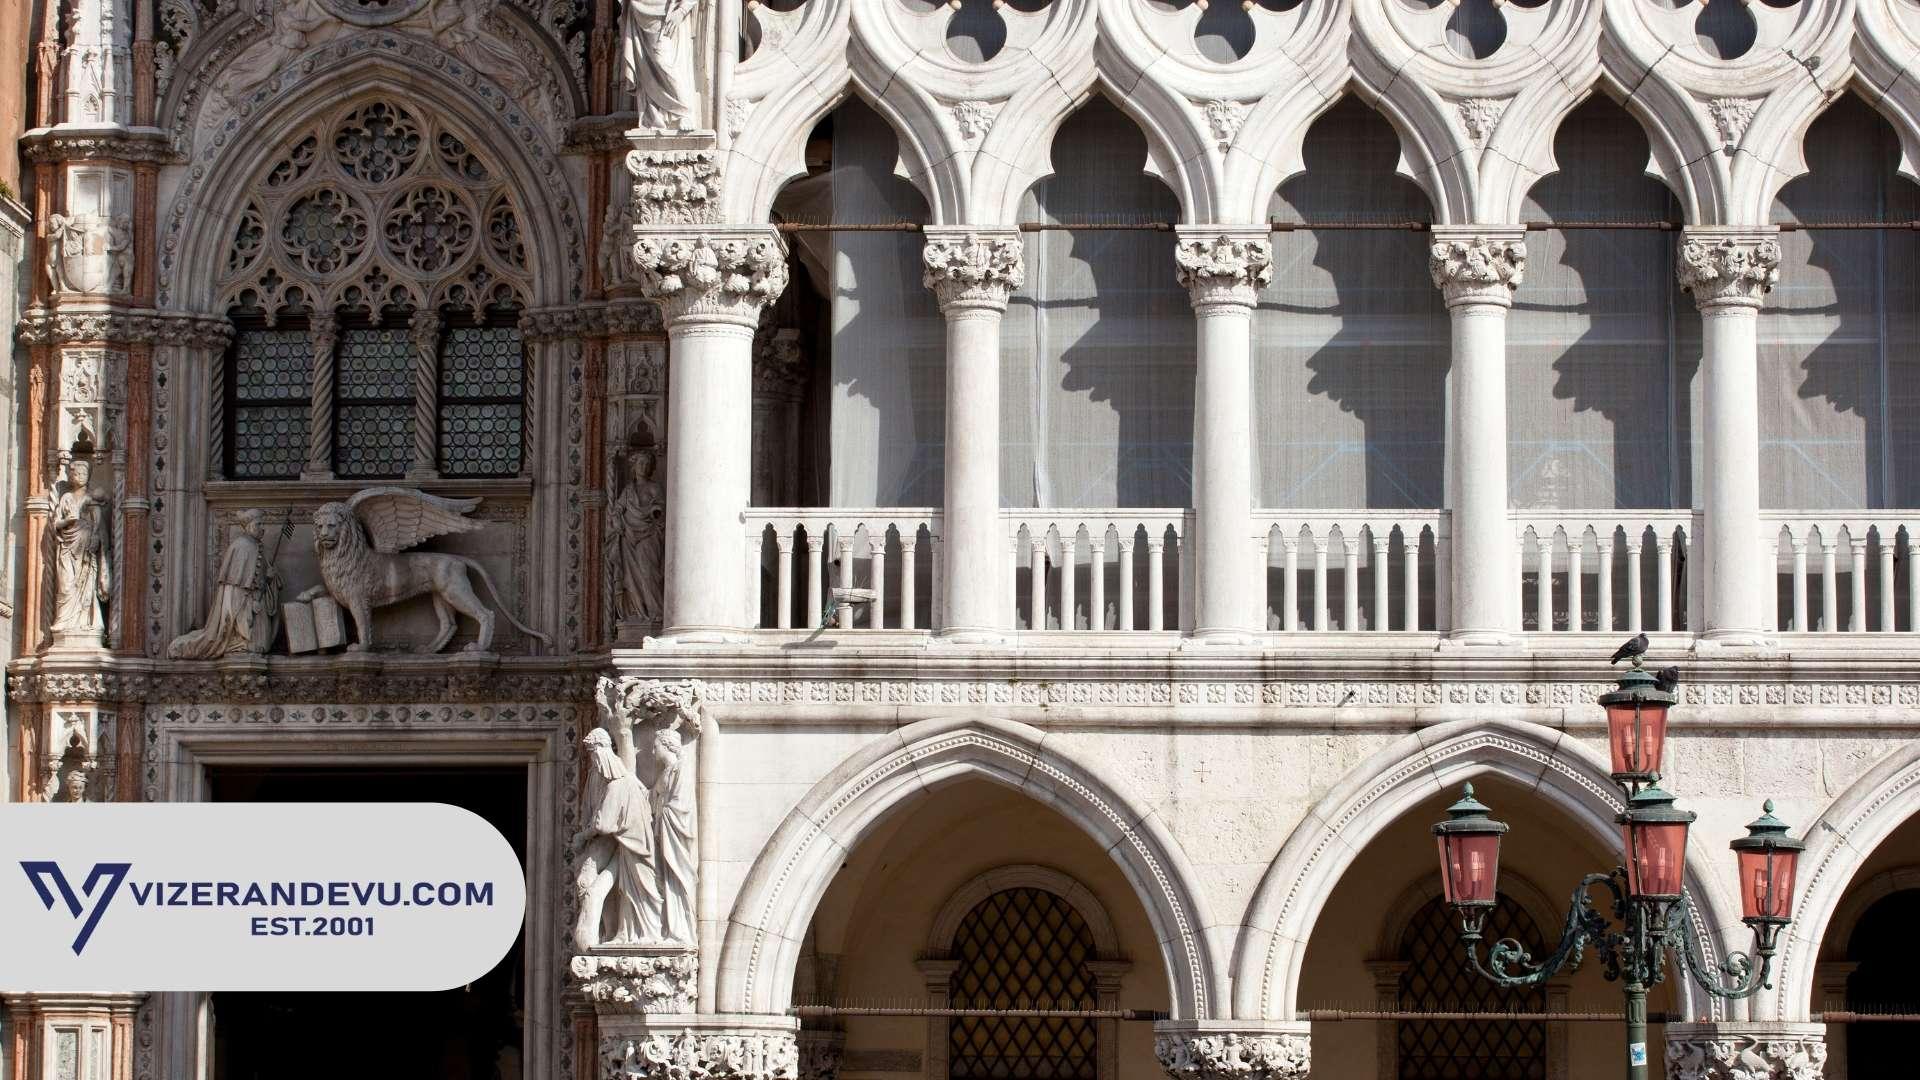 İtalya Aile Vizesi İçin Nasıl Başvuru Yapılır?